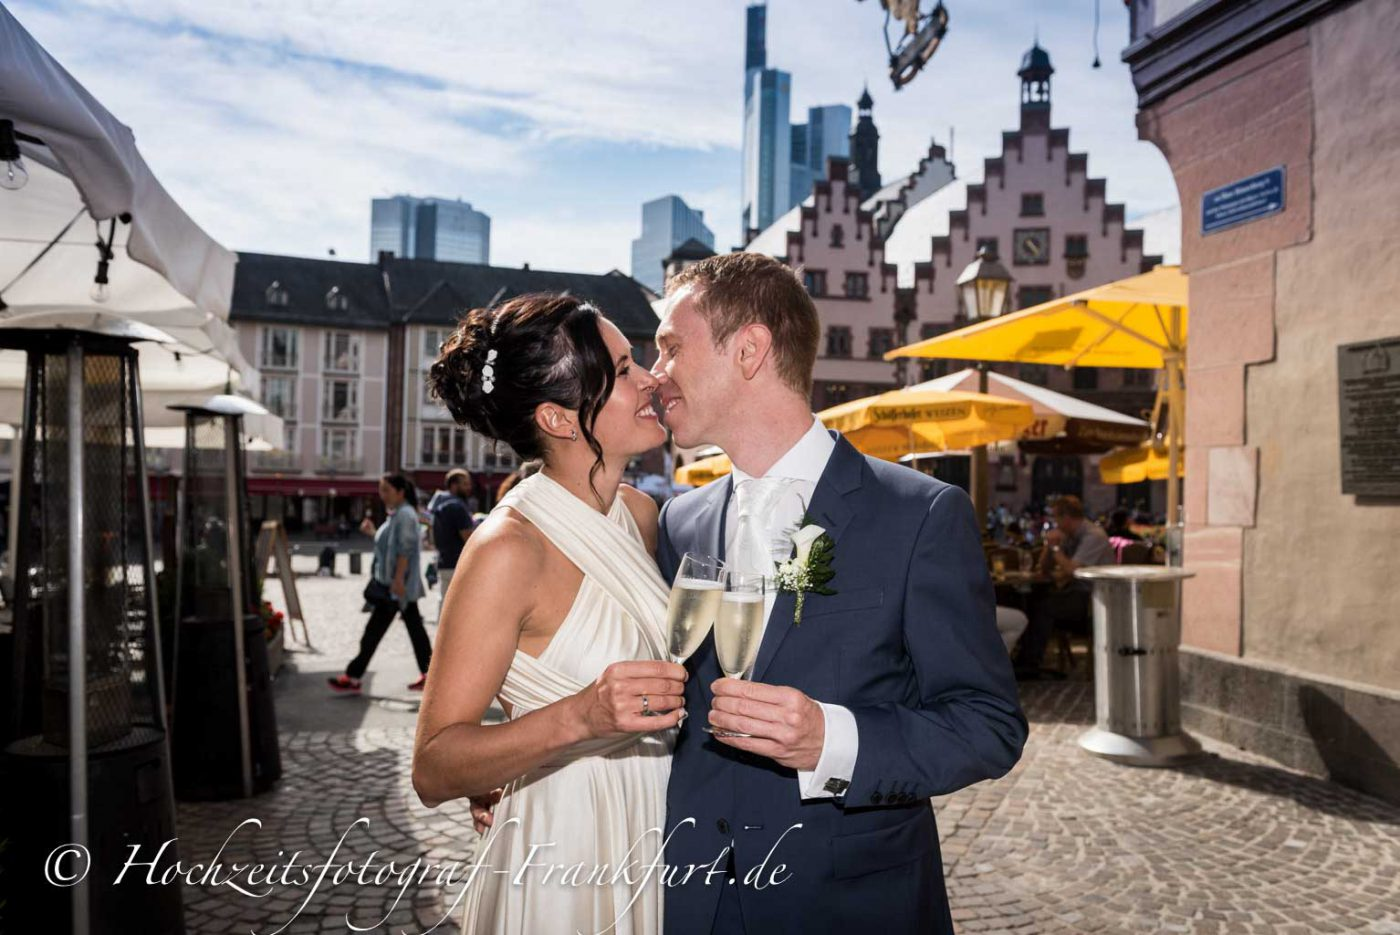 Standesamt Frankfurt am Main: Paarfoto des Hochzeitspaar mit dem Römer im Hintergrund I.